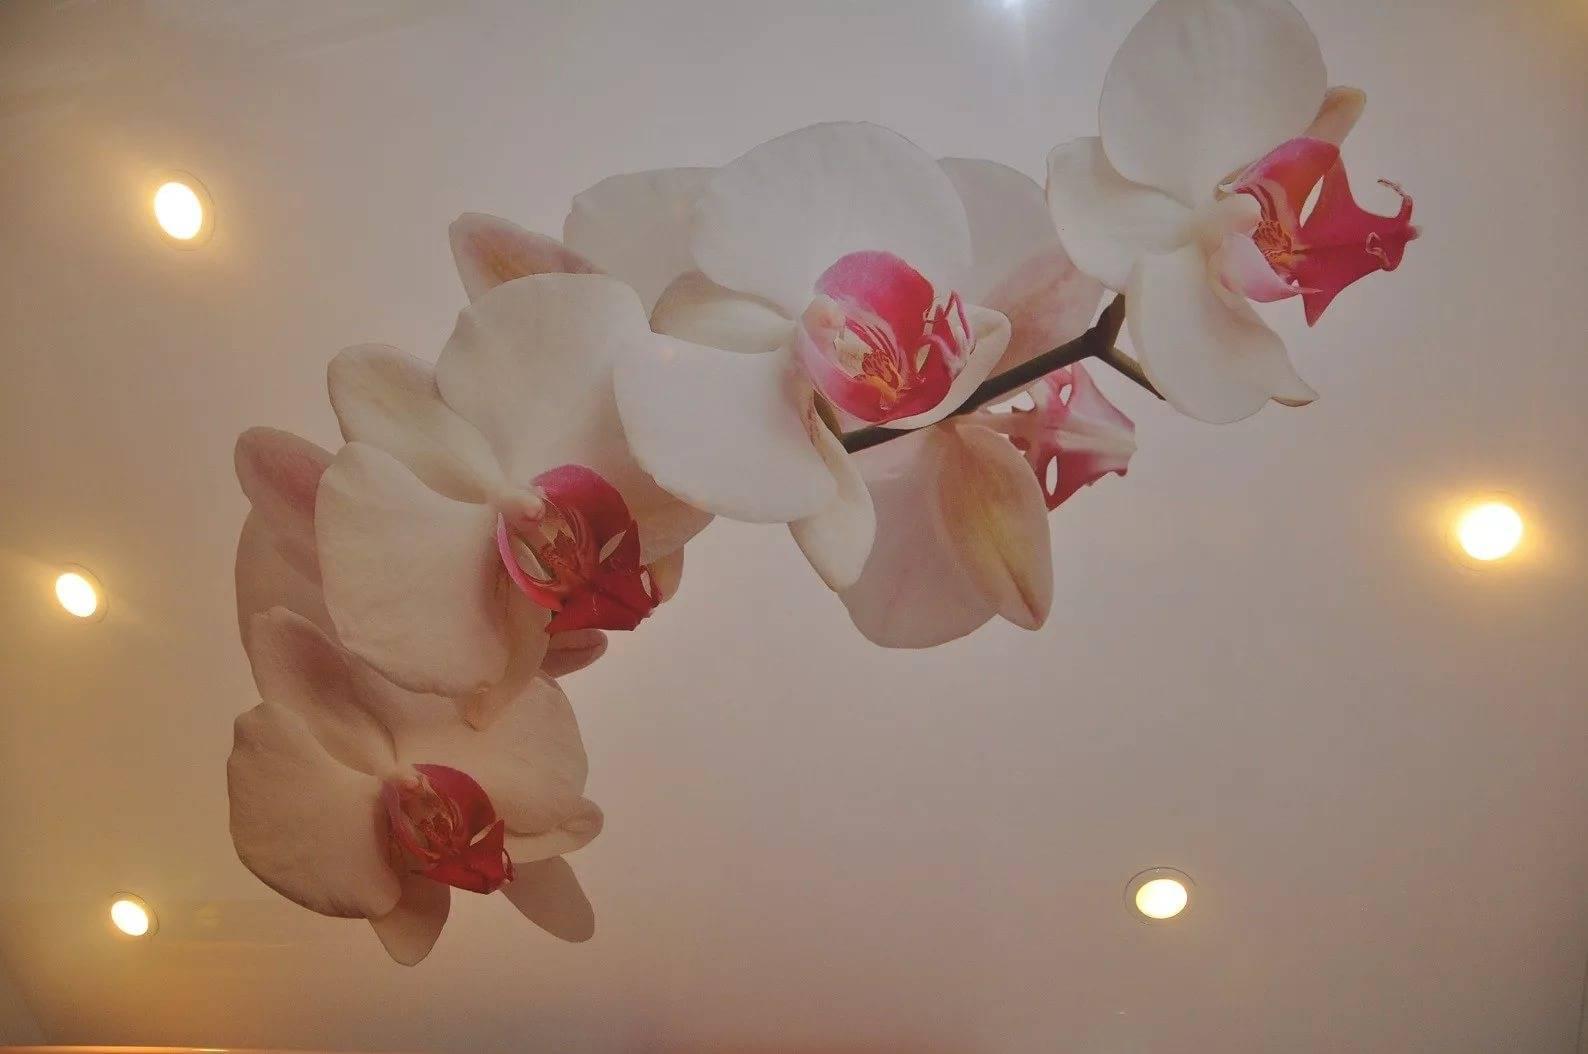 Натяжные потолки с орхидеей: романтичный интерьер в вашем доме